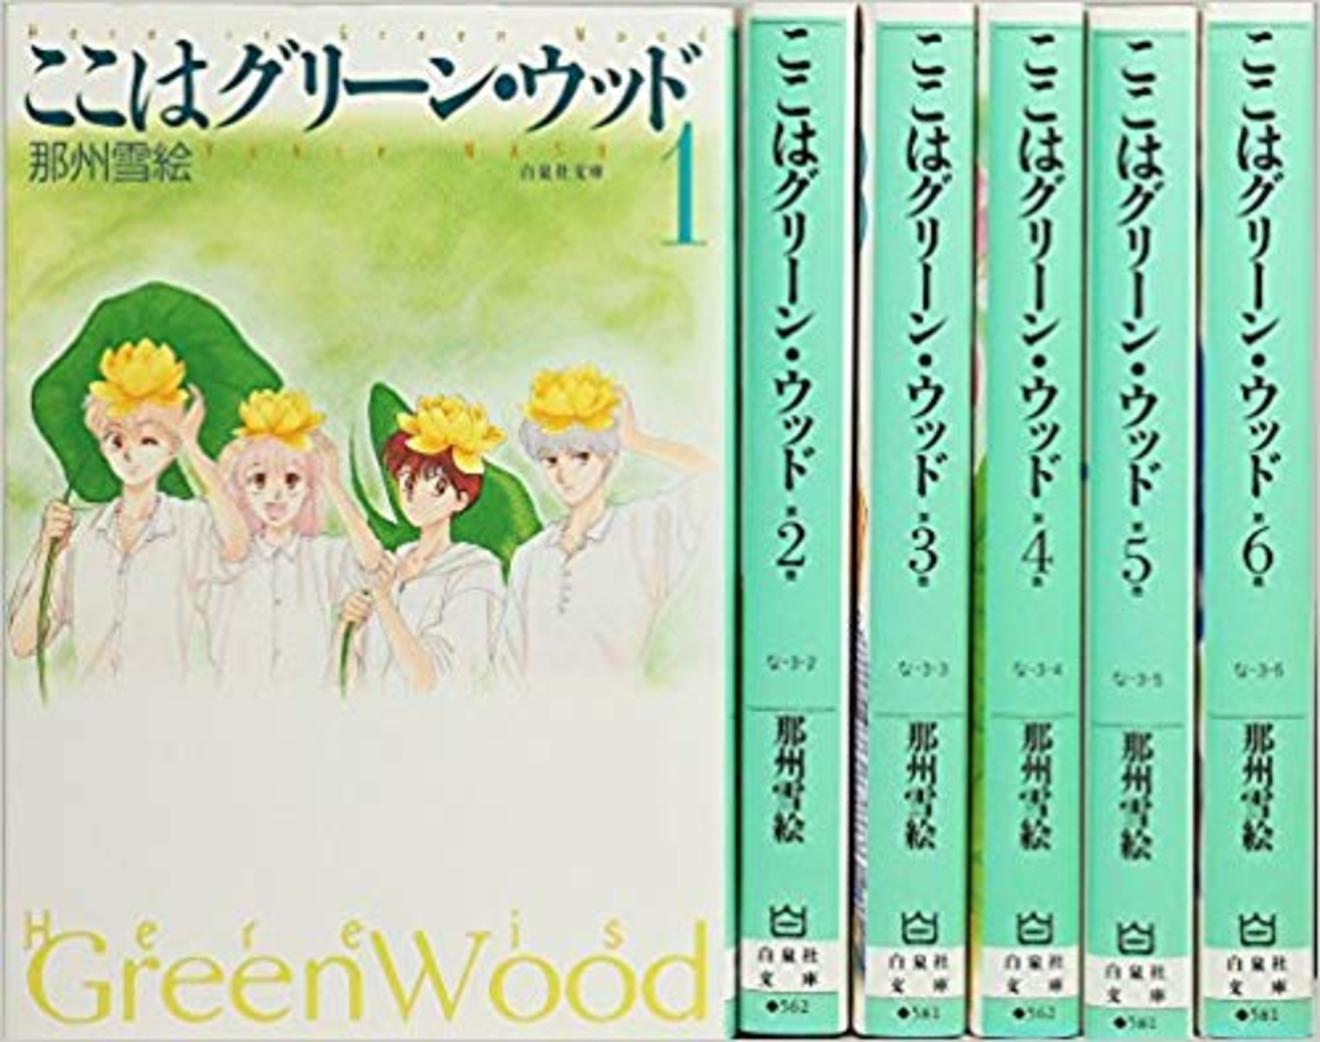 漫画『ここはグリーン・ウッド』全巻の名言ネタバレ紹介!最終回は…【無料】